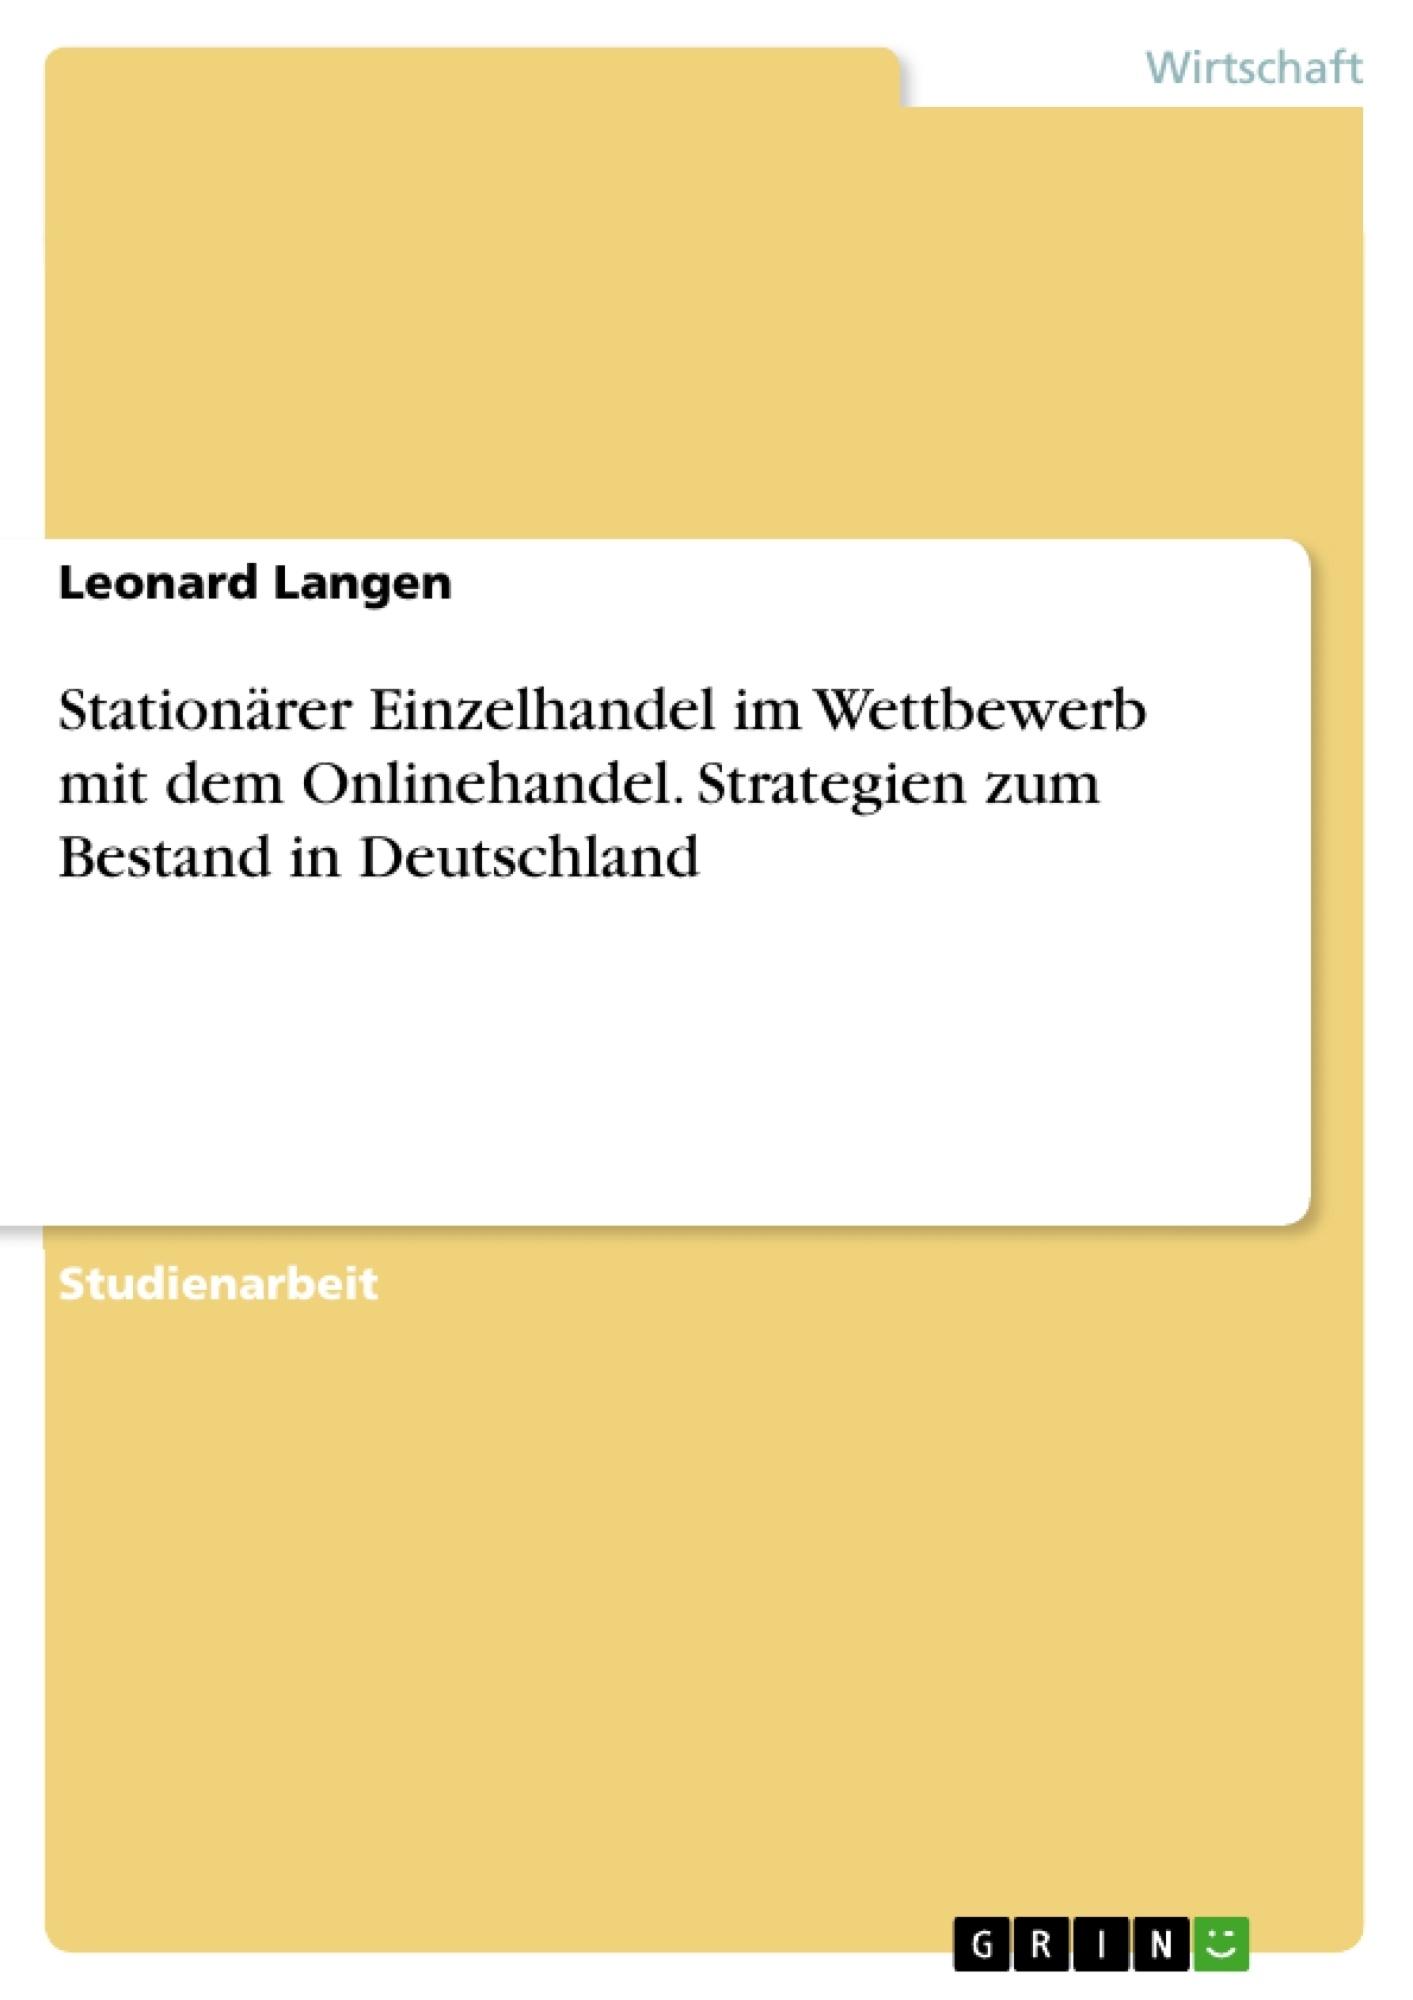 Titel: Stationärer Einzelhandel im Wettbewerb mit dem Onlinehandel. Strategien zum Bestand in Deutschland